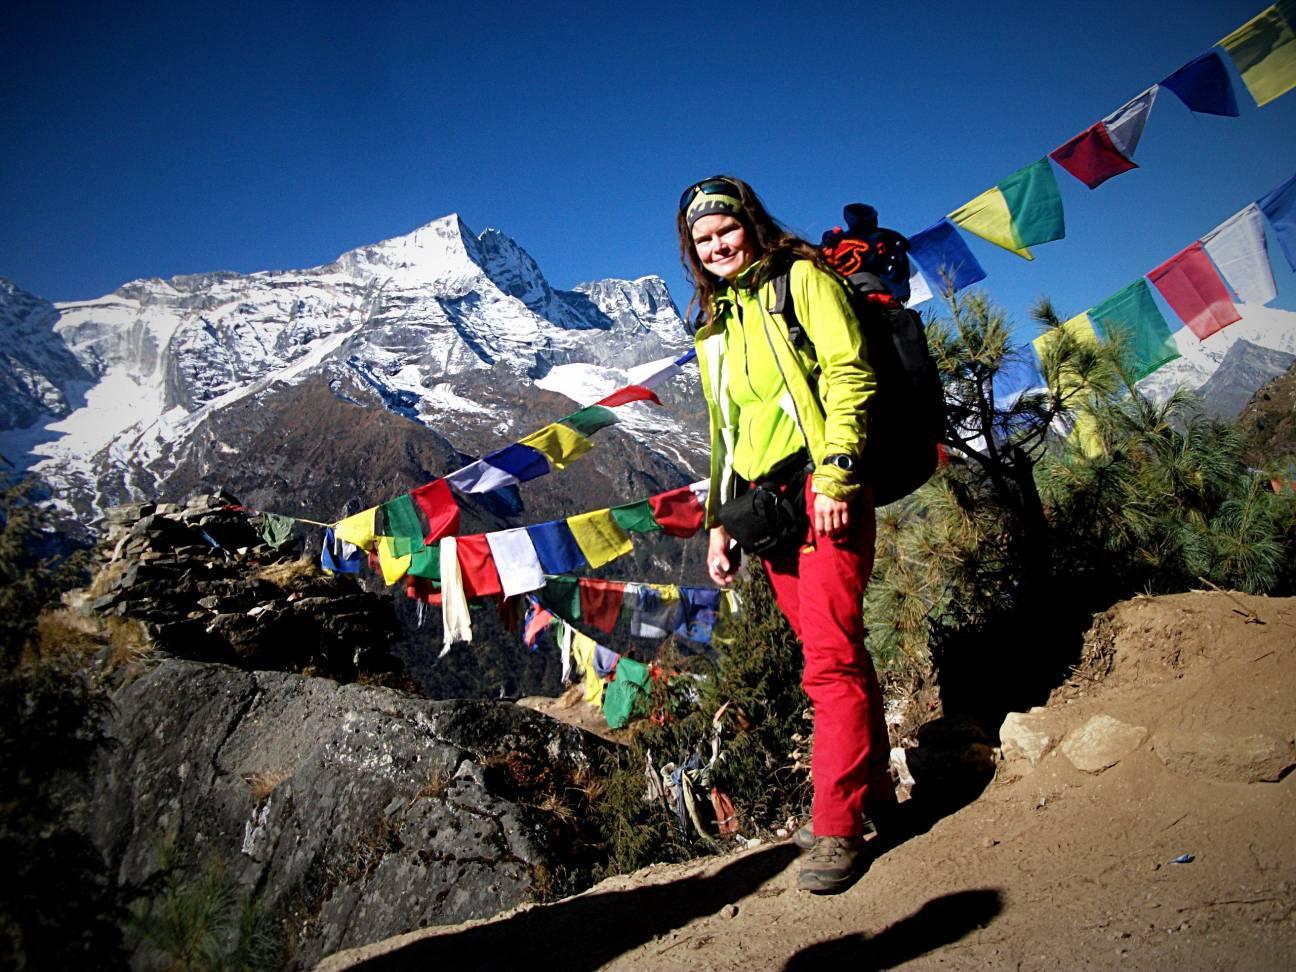 Девушка с рюкзаком на фоне заснеженных высоких гор и рядом разноцветные буддийские флажки